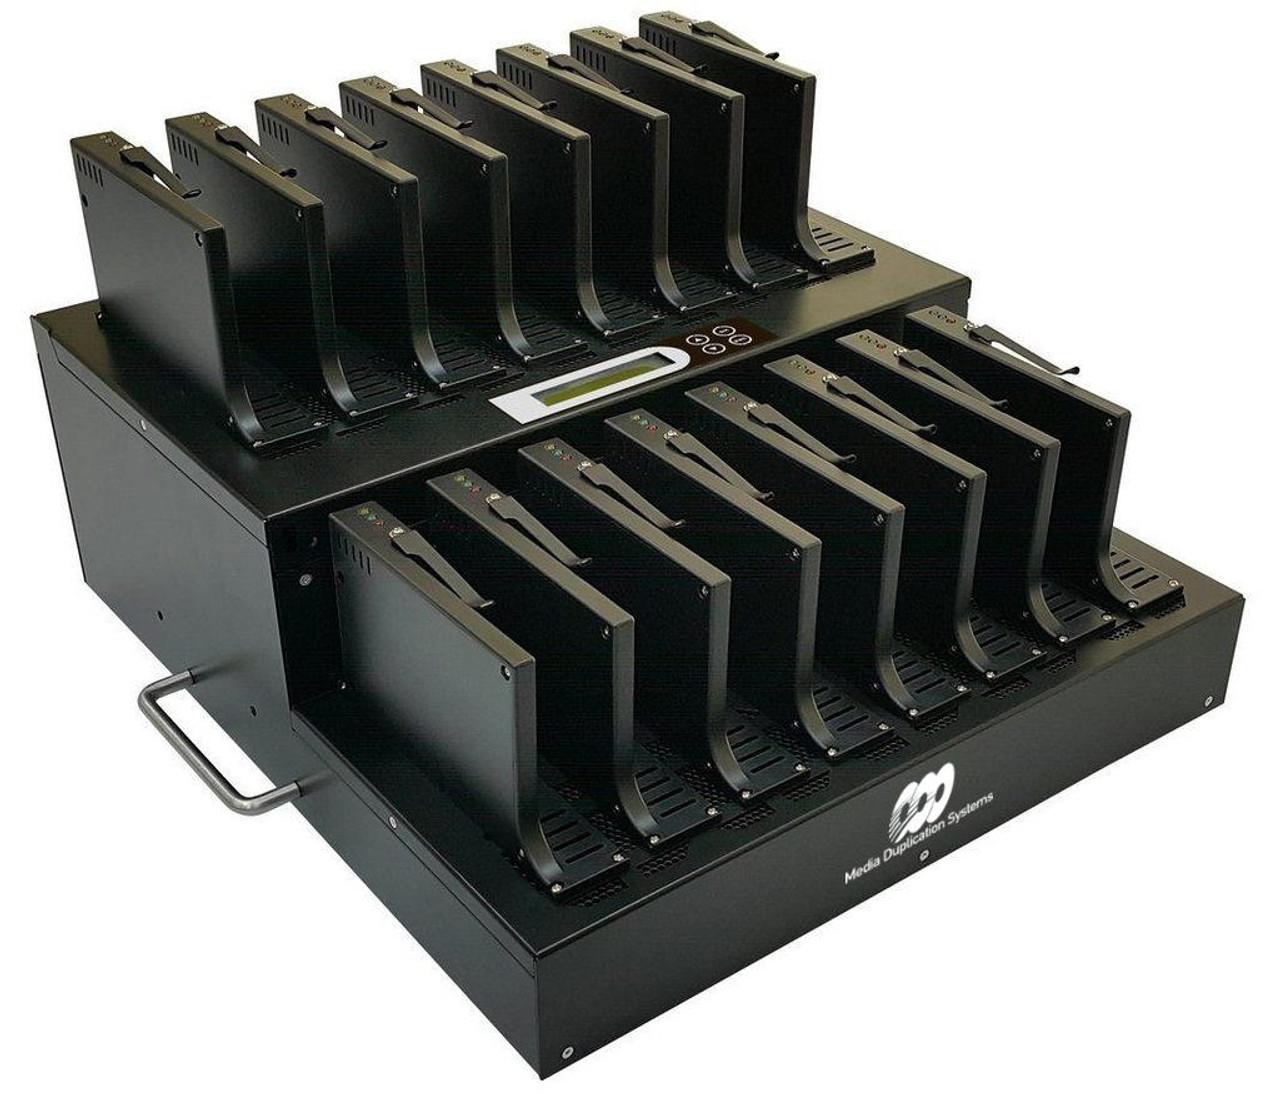 1-to-15 GX STD Series HDD/SSD Drive Duplicator